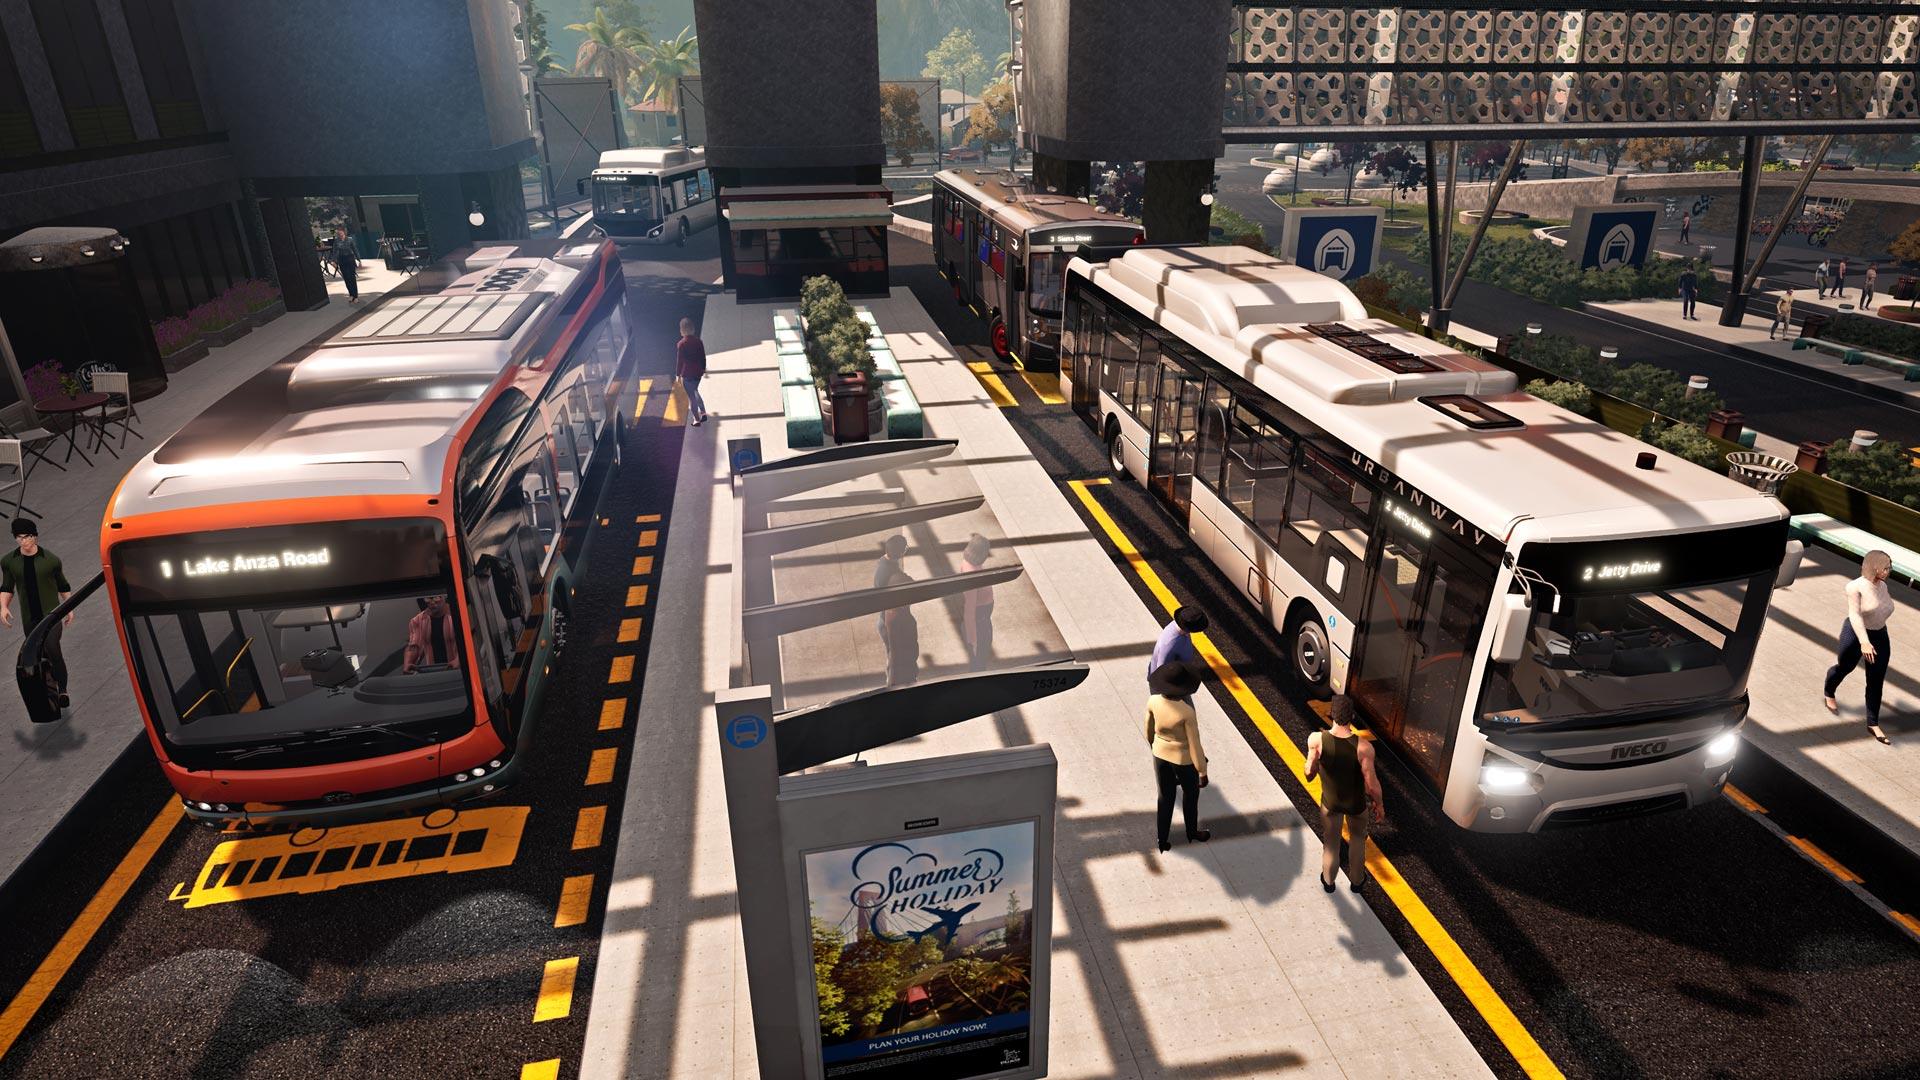 Eine Bushaltestelle im Spiel Bus Simulator 21